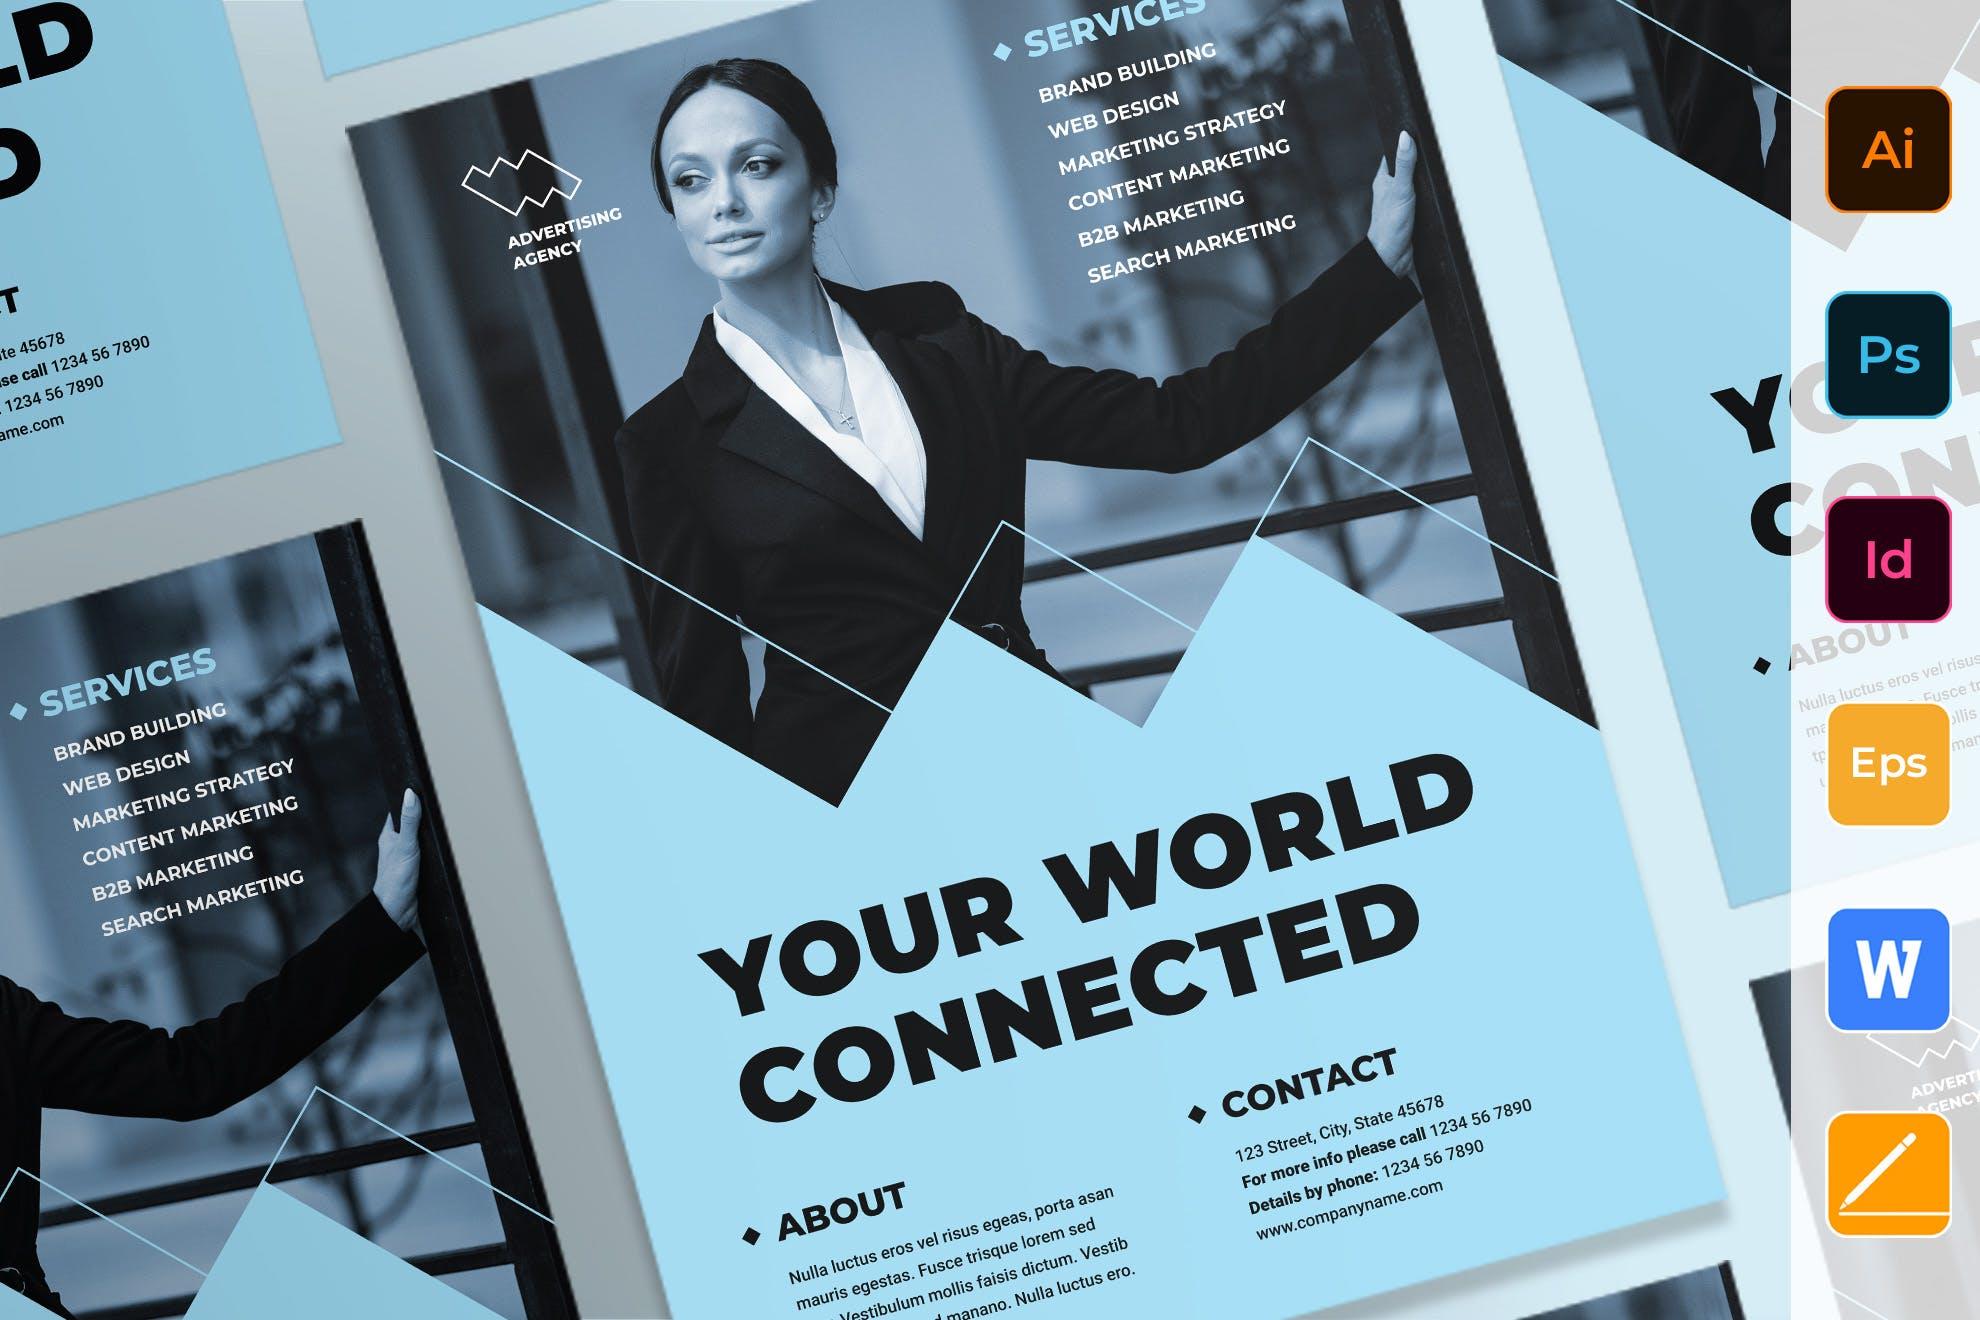 广告顾问企业宣传 传单/海报模板素材Advertising Consultant Poster插图